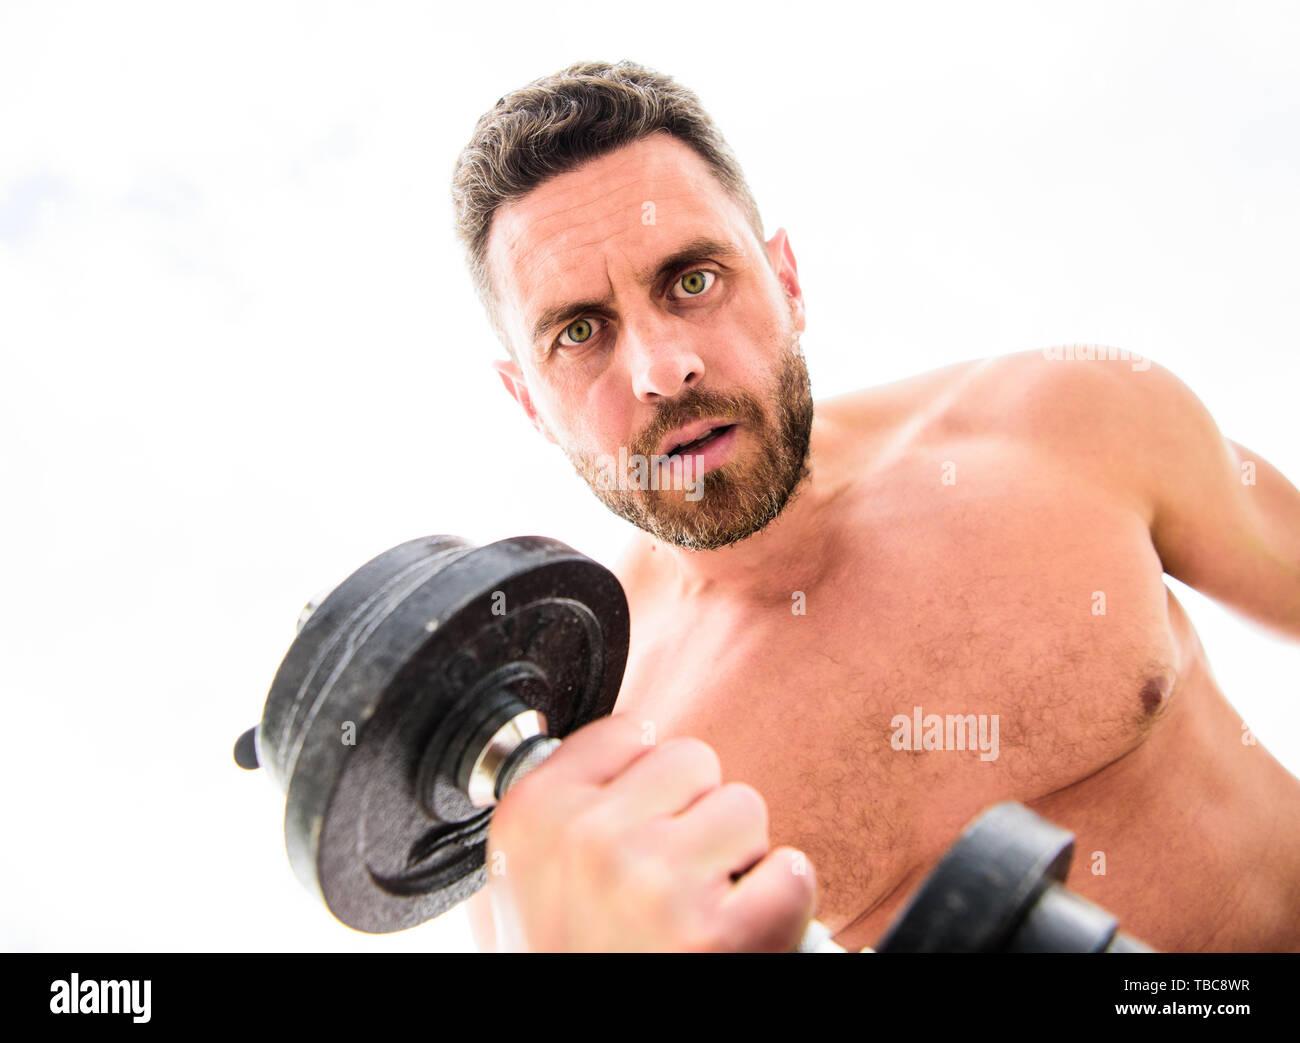 Stile di vita sportiva. Il successo è scelta. La vittoria è abitudine. Il manubrio palestra. Uomo muscolare che esercitano con il manubrio. Sportivo con forte torso. Attrezzature sportive. Fitness e bodybuilding sport. Immagini Stock